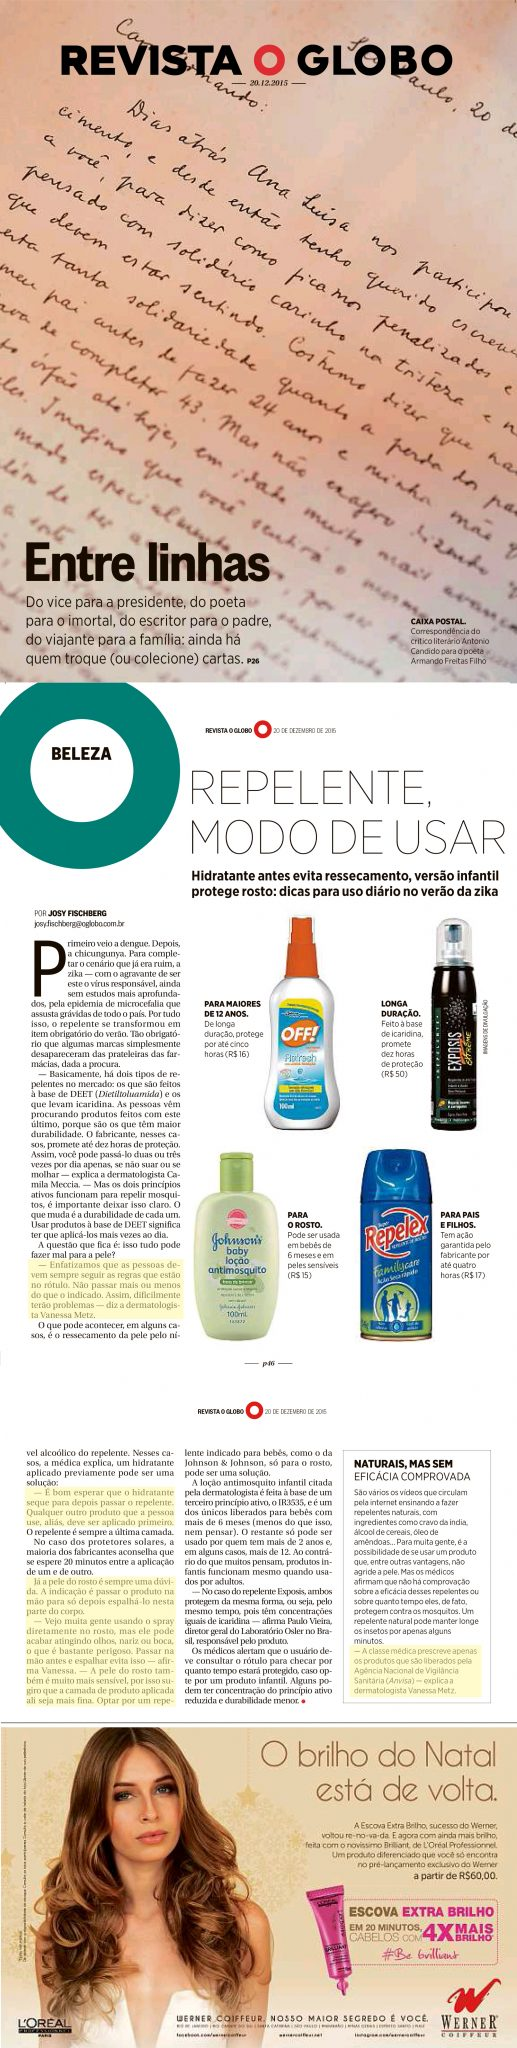 Revista O Globo - 20 de dezembro 2015 - Repelente Modo de Usar